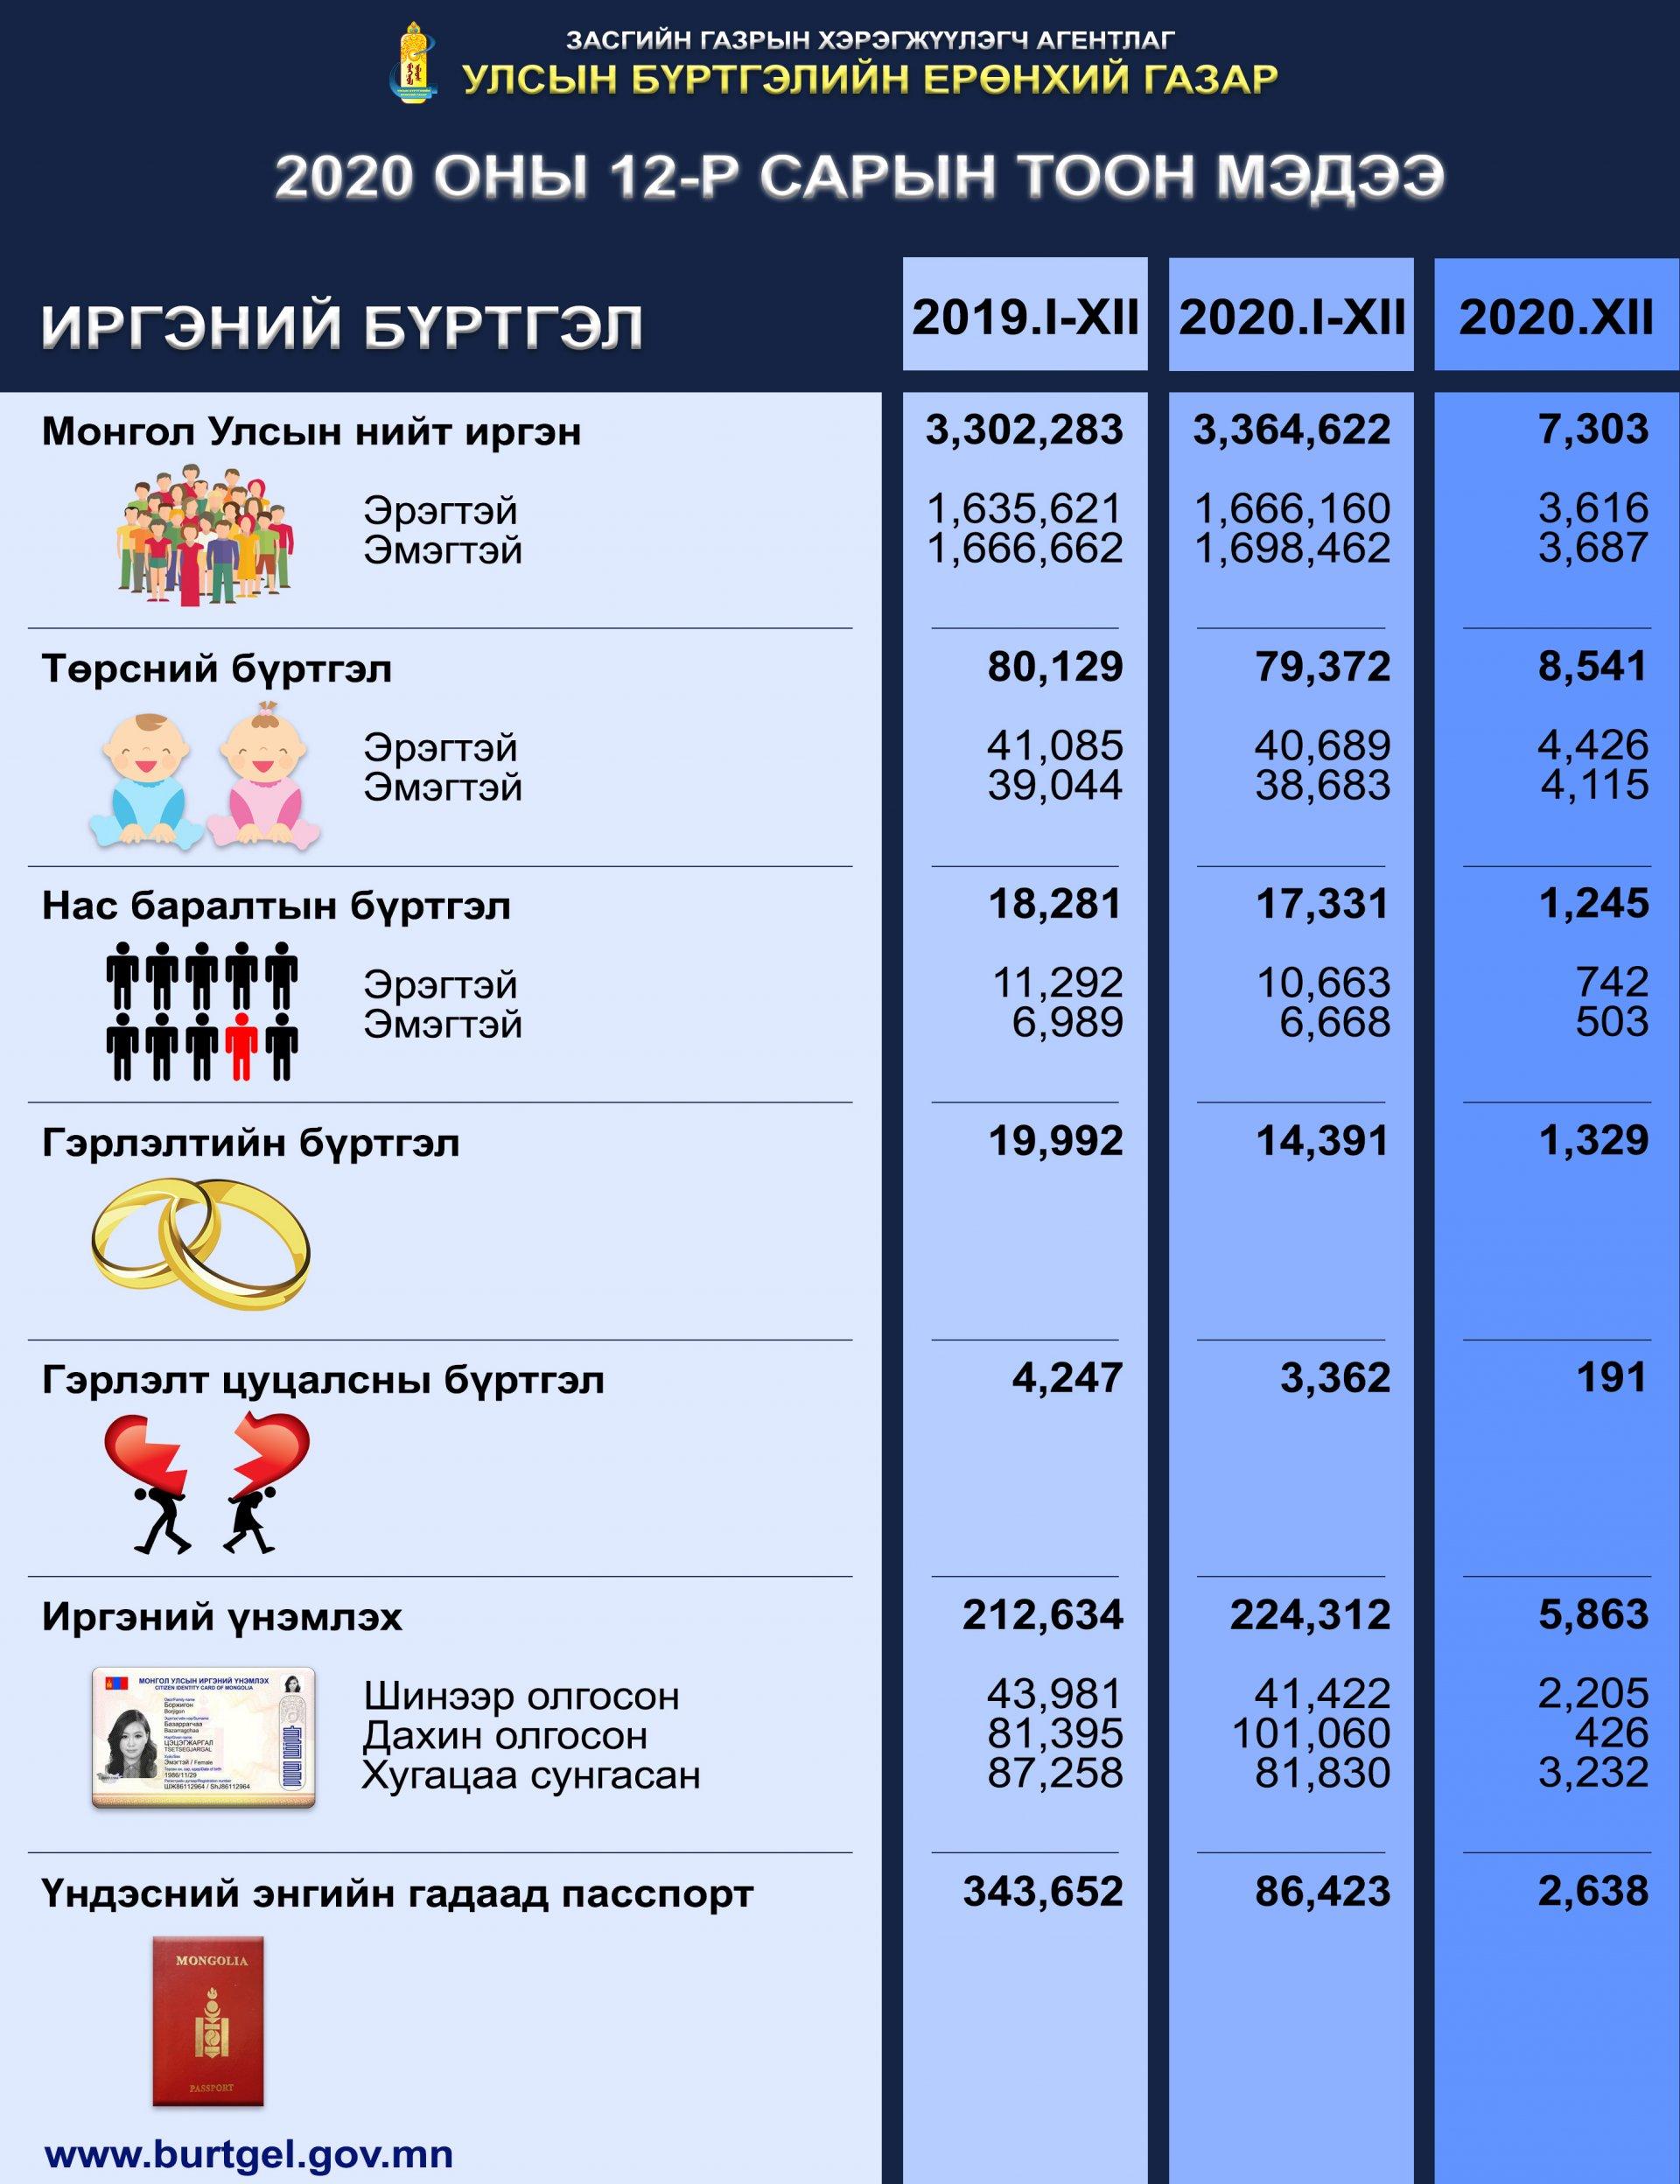 Улсын бүртгэлийн байгууллагын 12-р сарын тоон мэдээ